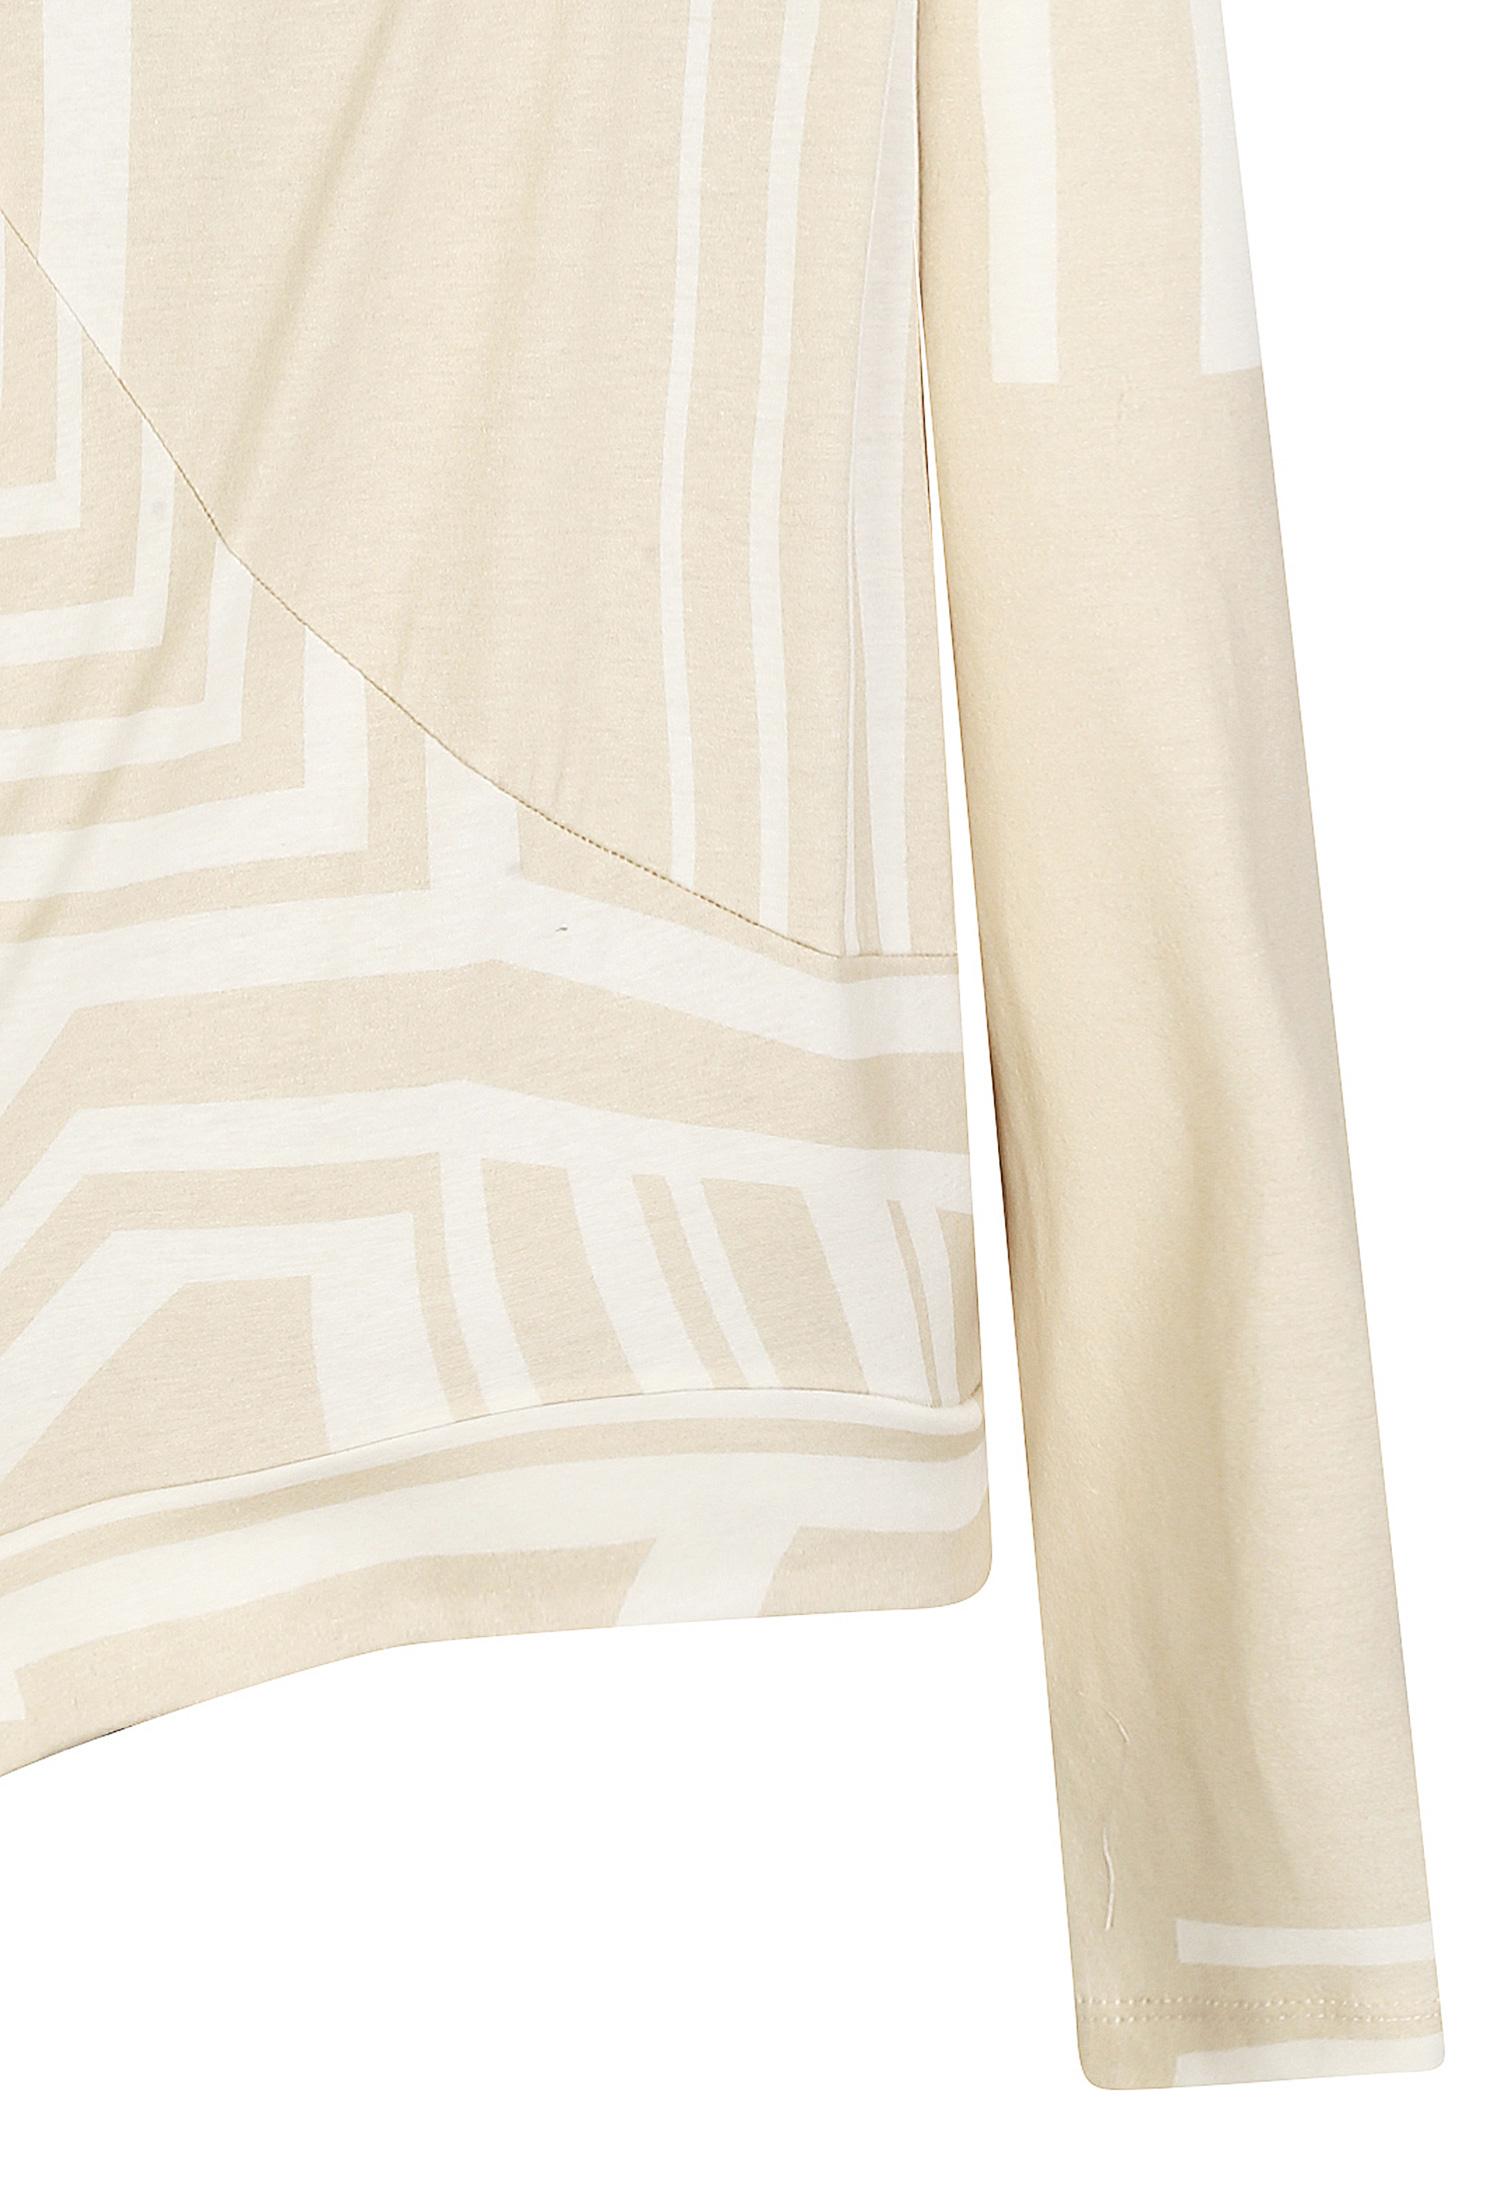 패턴 프린팅 언발란스 티셔츠 (BEIGE)